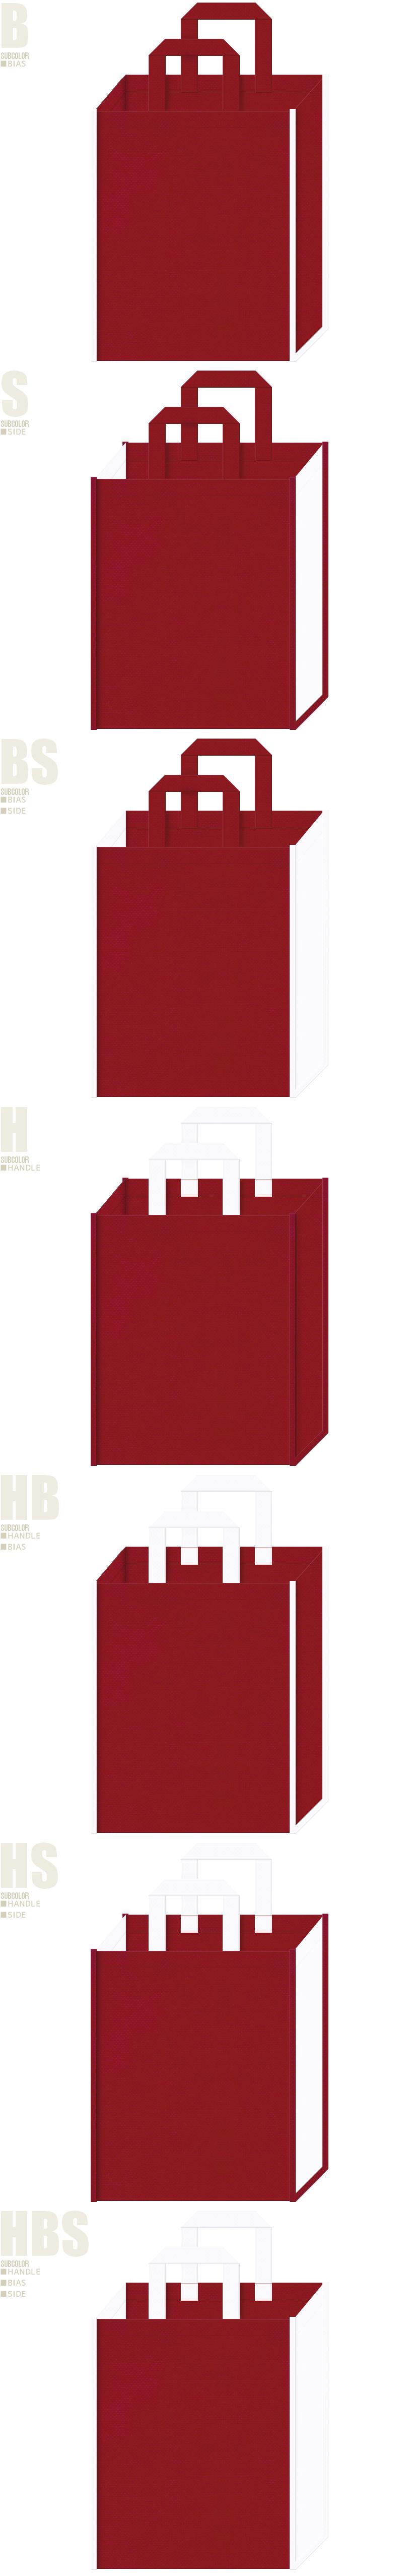 献血・病院・医療機器・救急用品の展示会用バッグにお奨めの不織布バッグデザイン:エンジ色と白色の配色7パターン